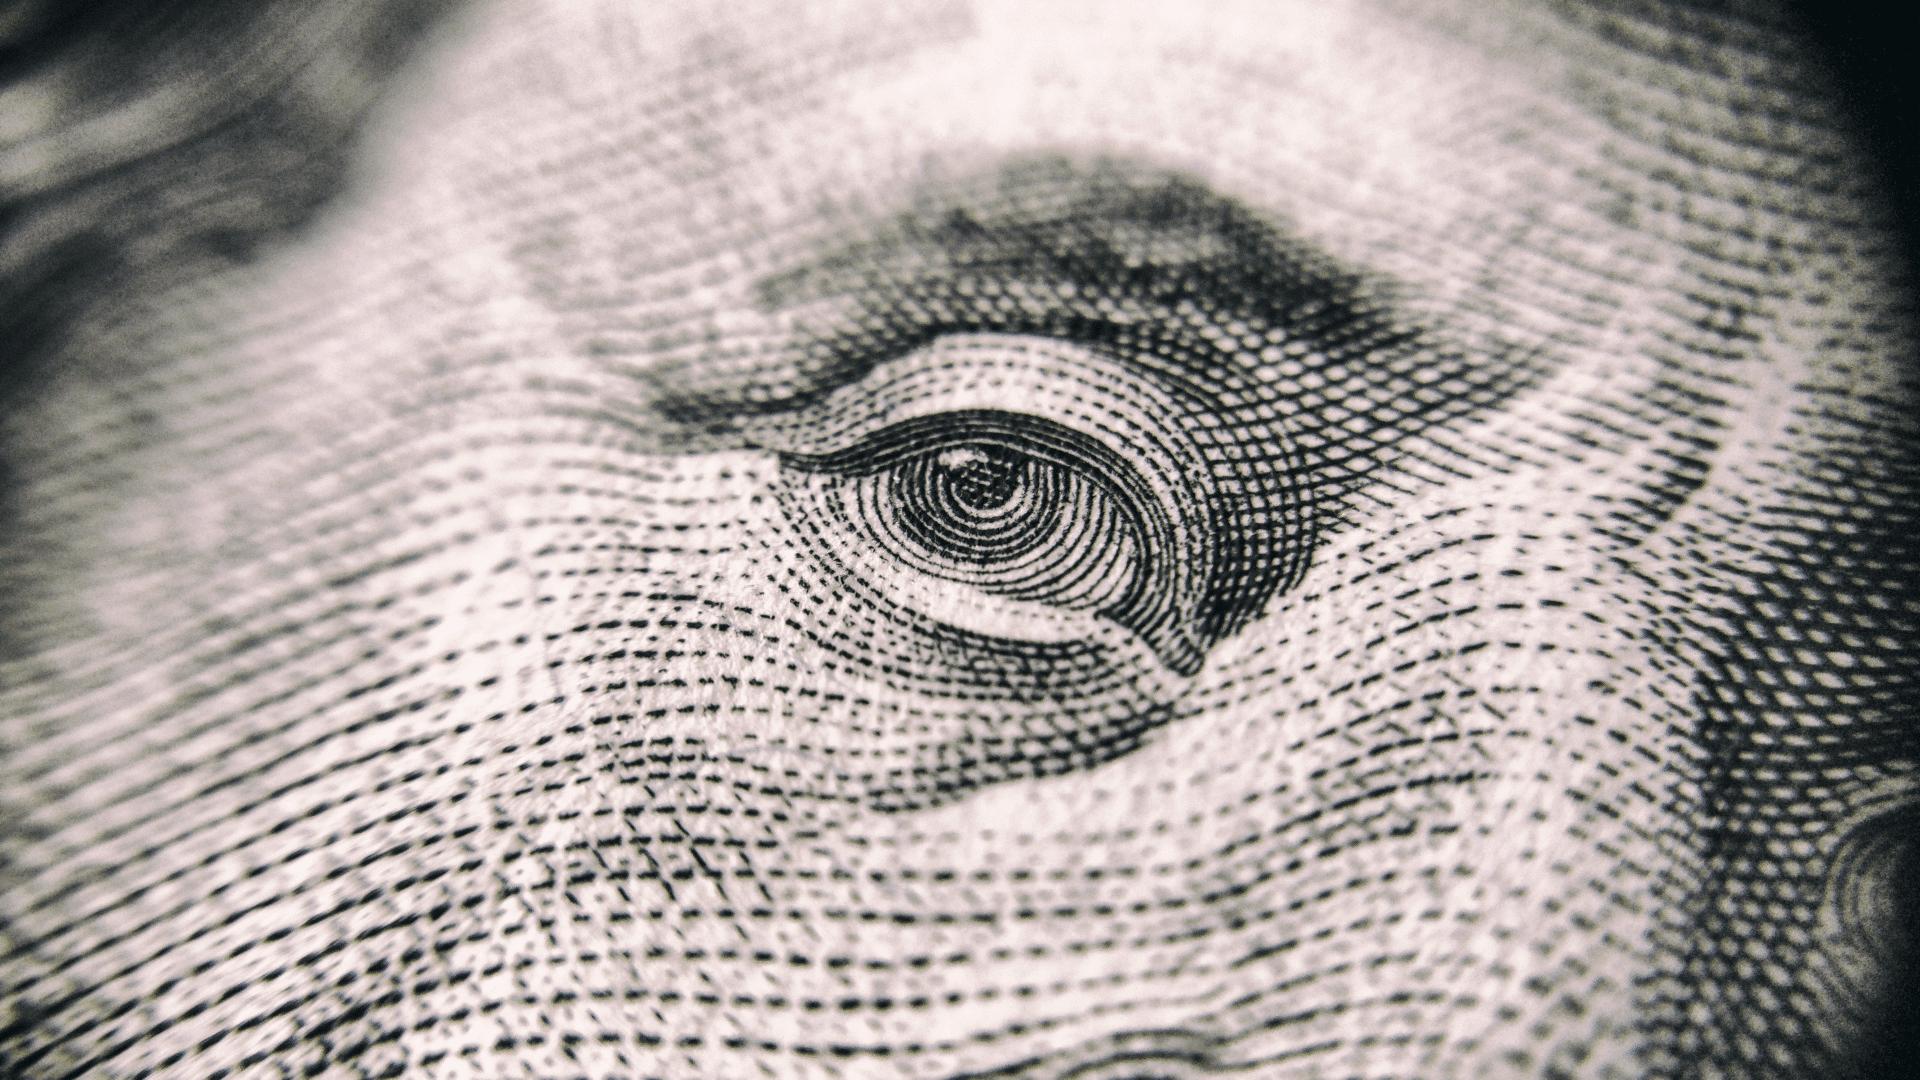 close up of Benjamin Franklin's eye on hundred dollar bill